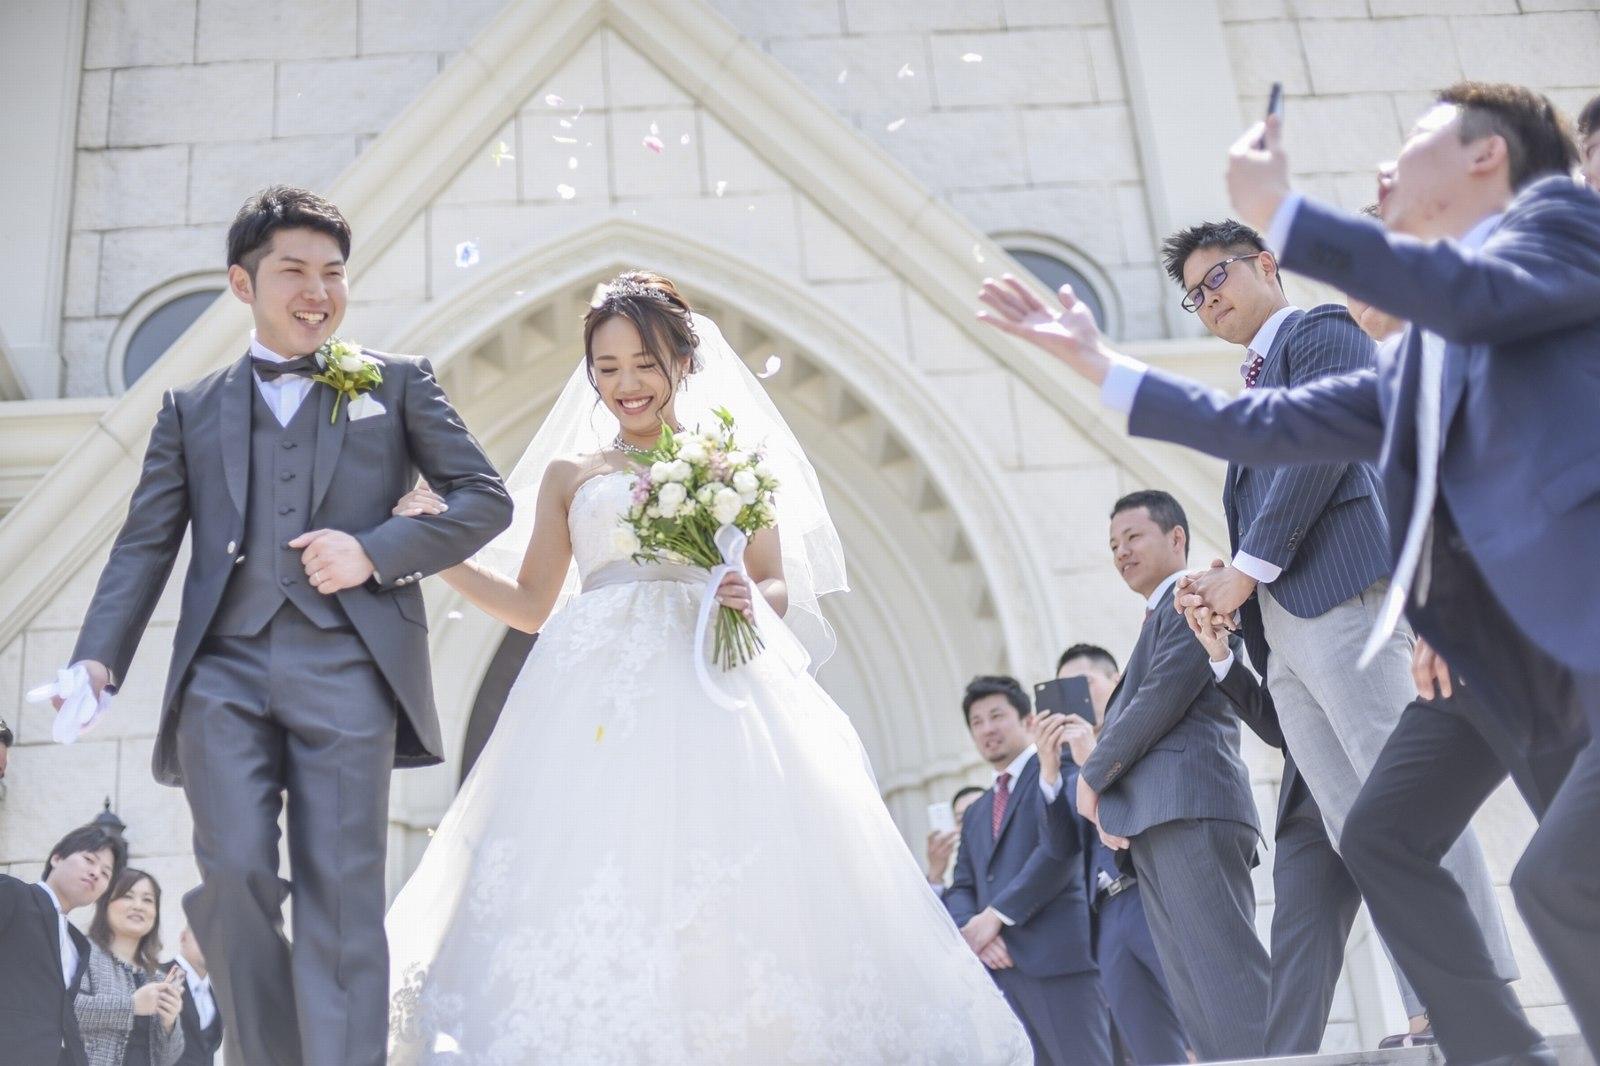 香川県の結婚式場のシェルエメール&アイスタイルの大階段